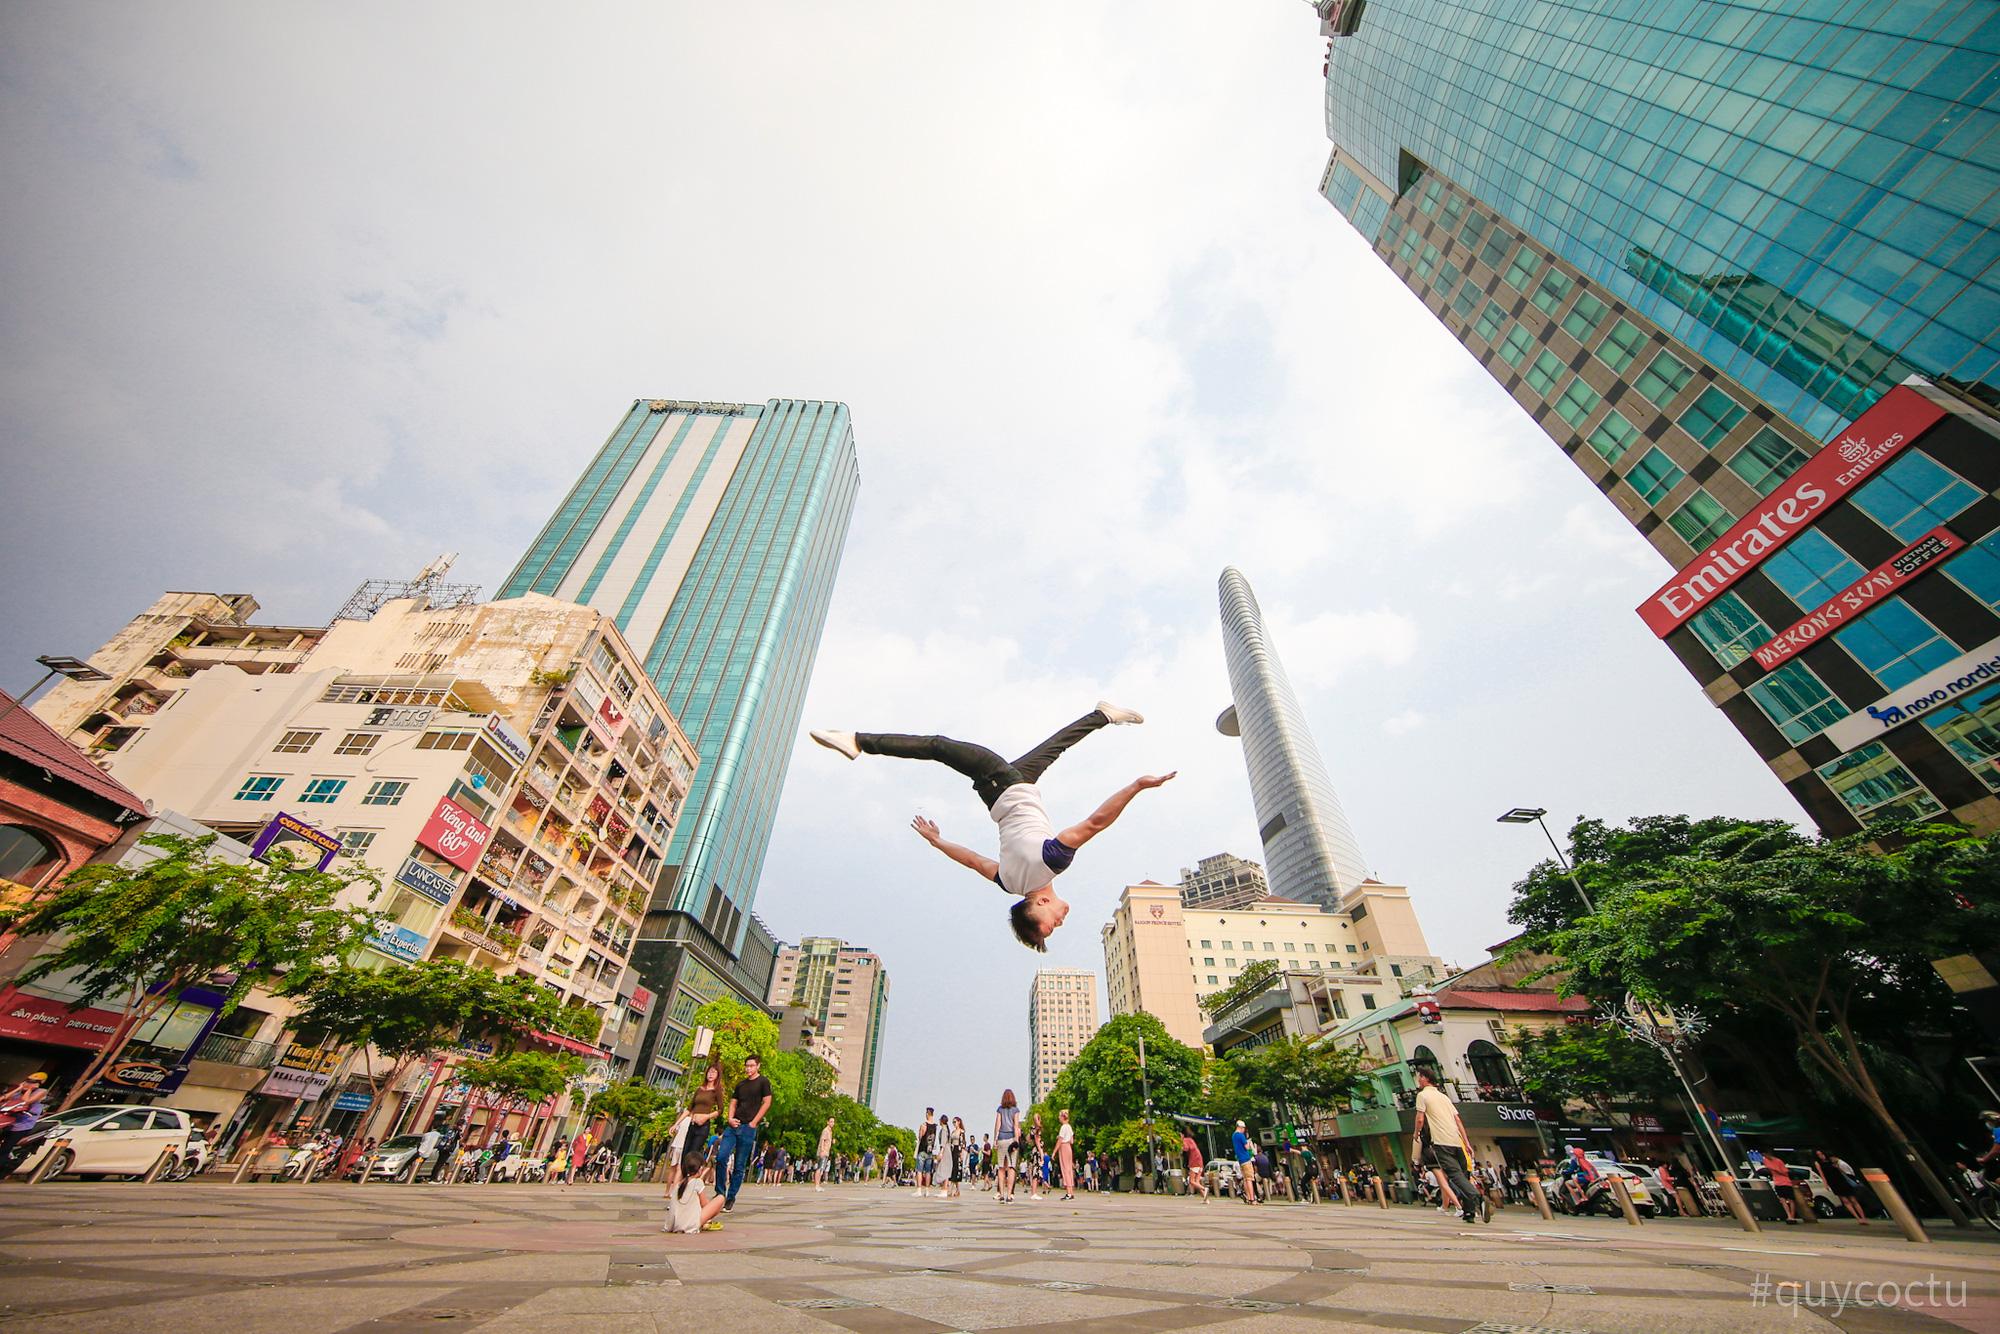 Dạo quanh TP Hồ Chí Minh cùng bloger du lịch nổi tiếng - Ảnh 3.